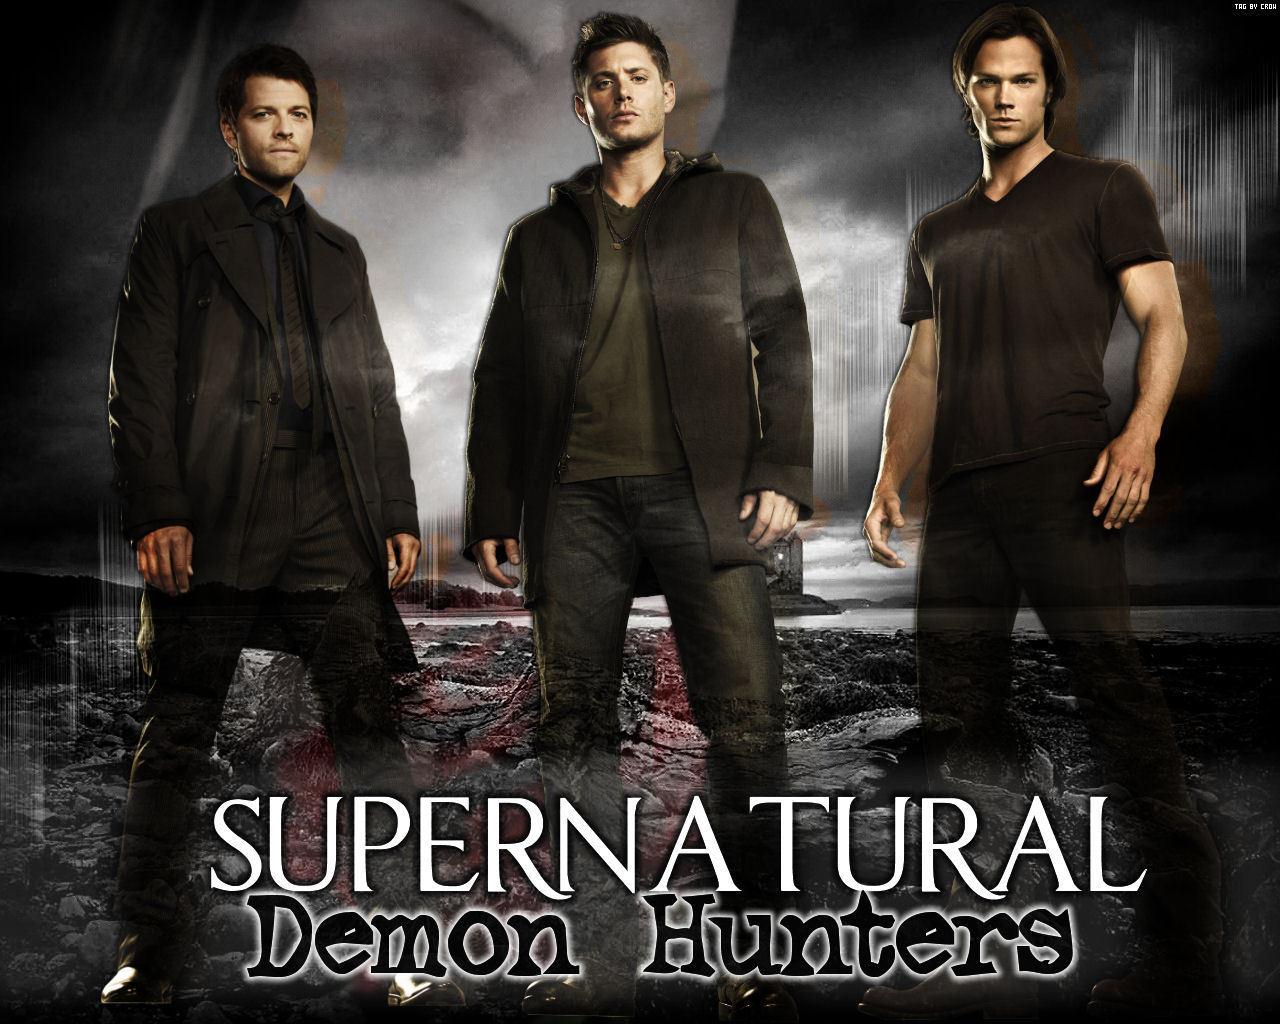 https://2.bp.blogspot.com/-TdxNPiLLTOA/TlWLk6h1zfI/AAAAAAAAAq0/qyy5xpUKX-g/s1600/Demon-Hunters-supernatural-20888316-1280-1024.jpg